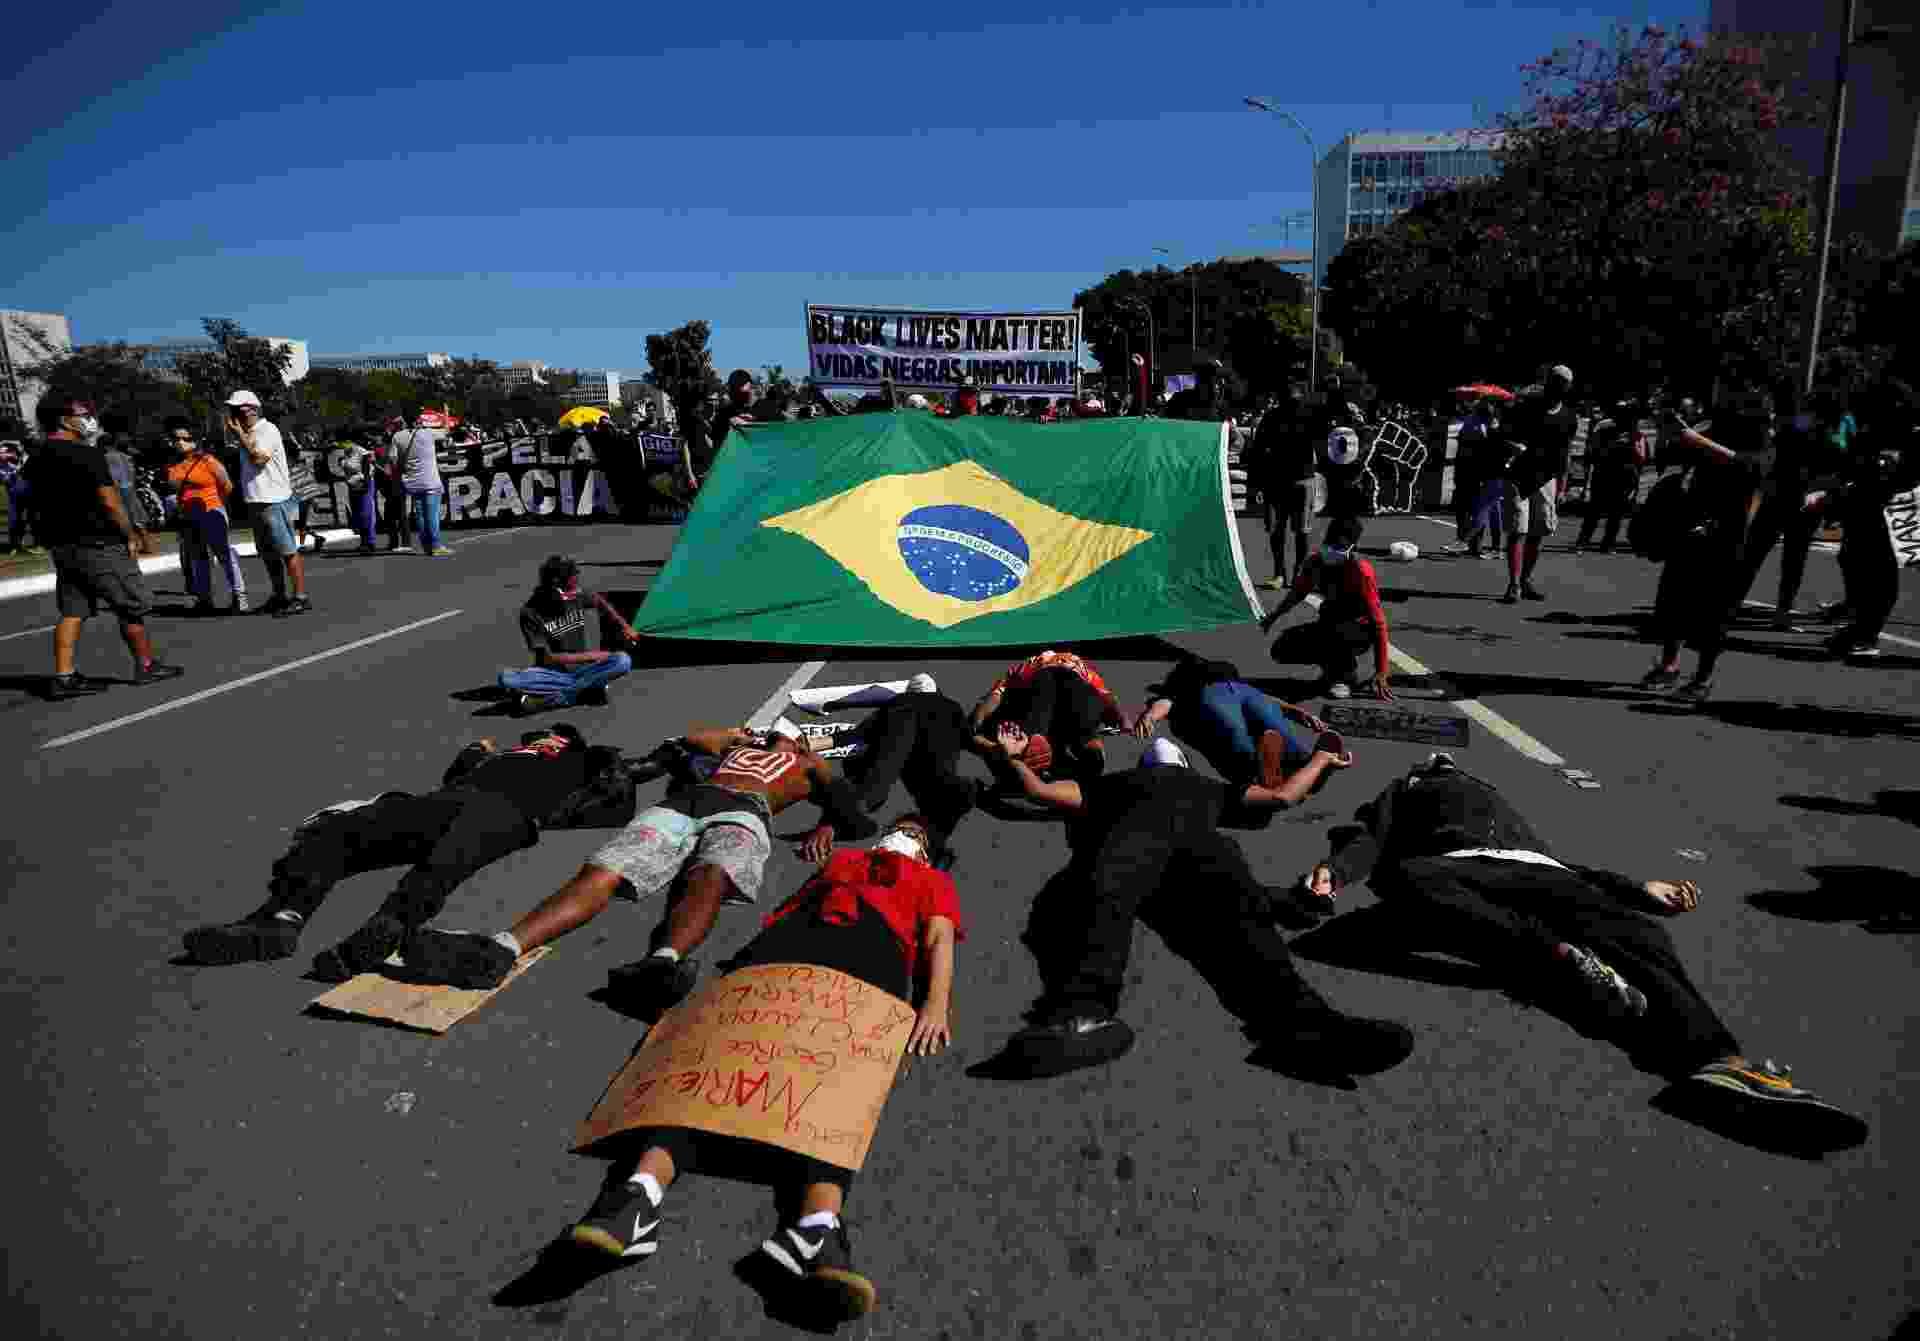 Manifestações pró e contra Bolsonaro acontecem em Brasília - ADRIANO MACHADO/Reuters